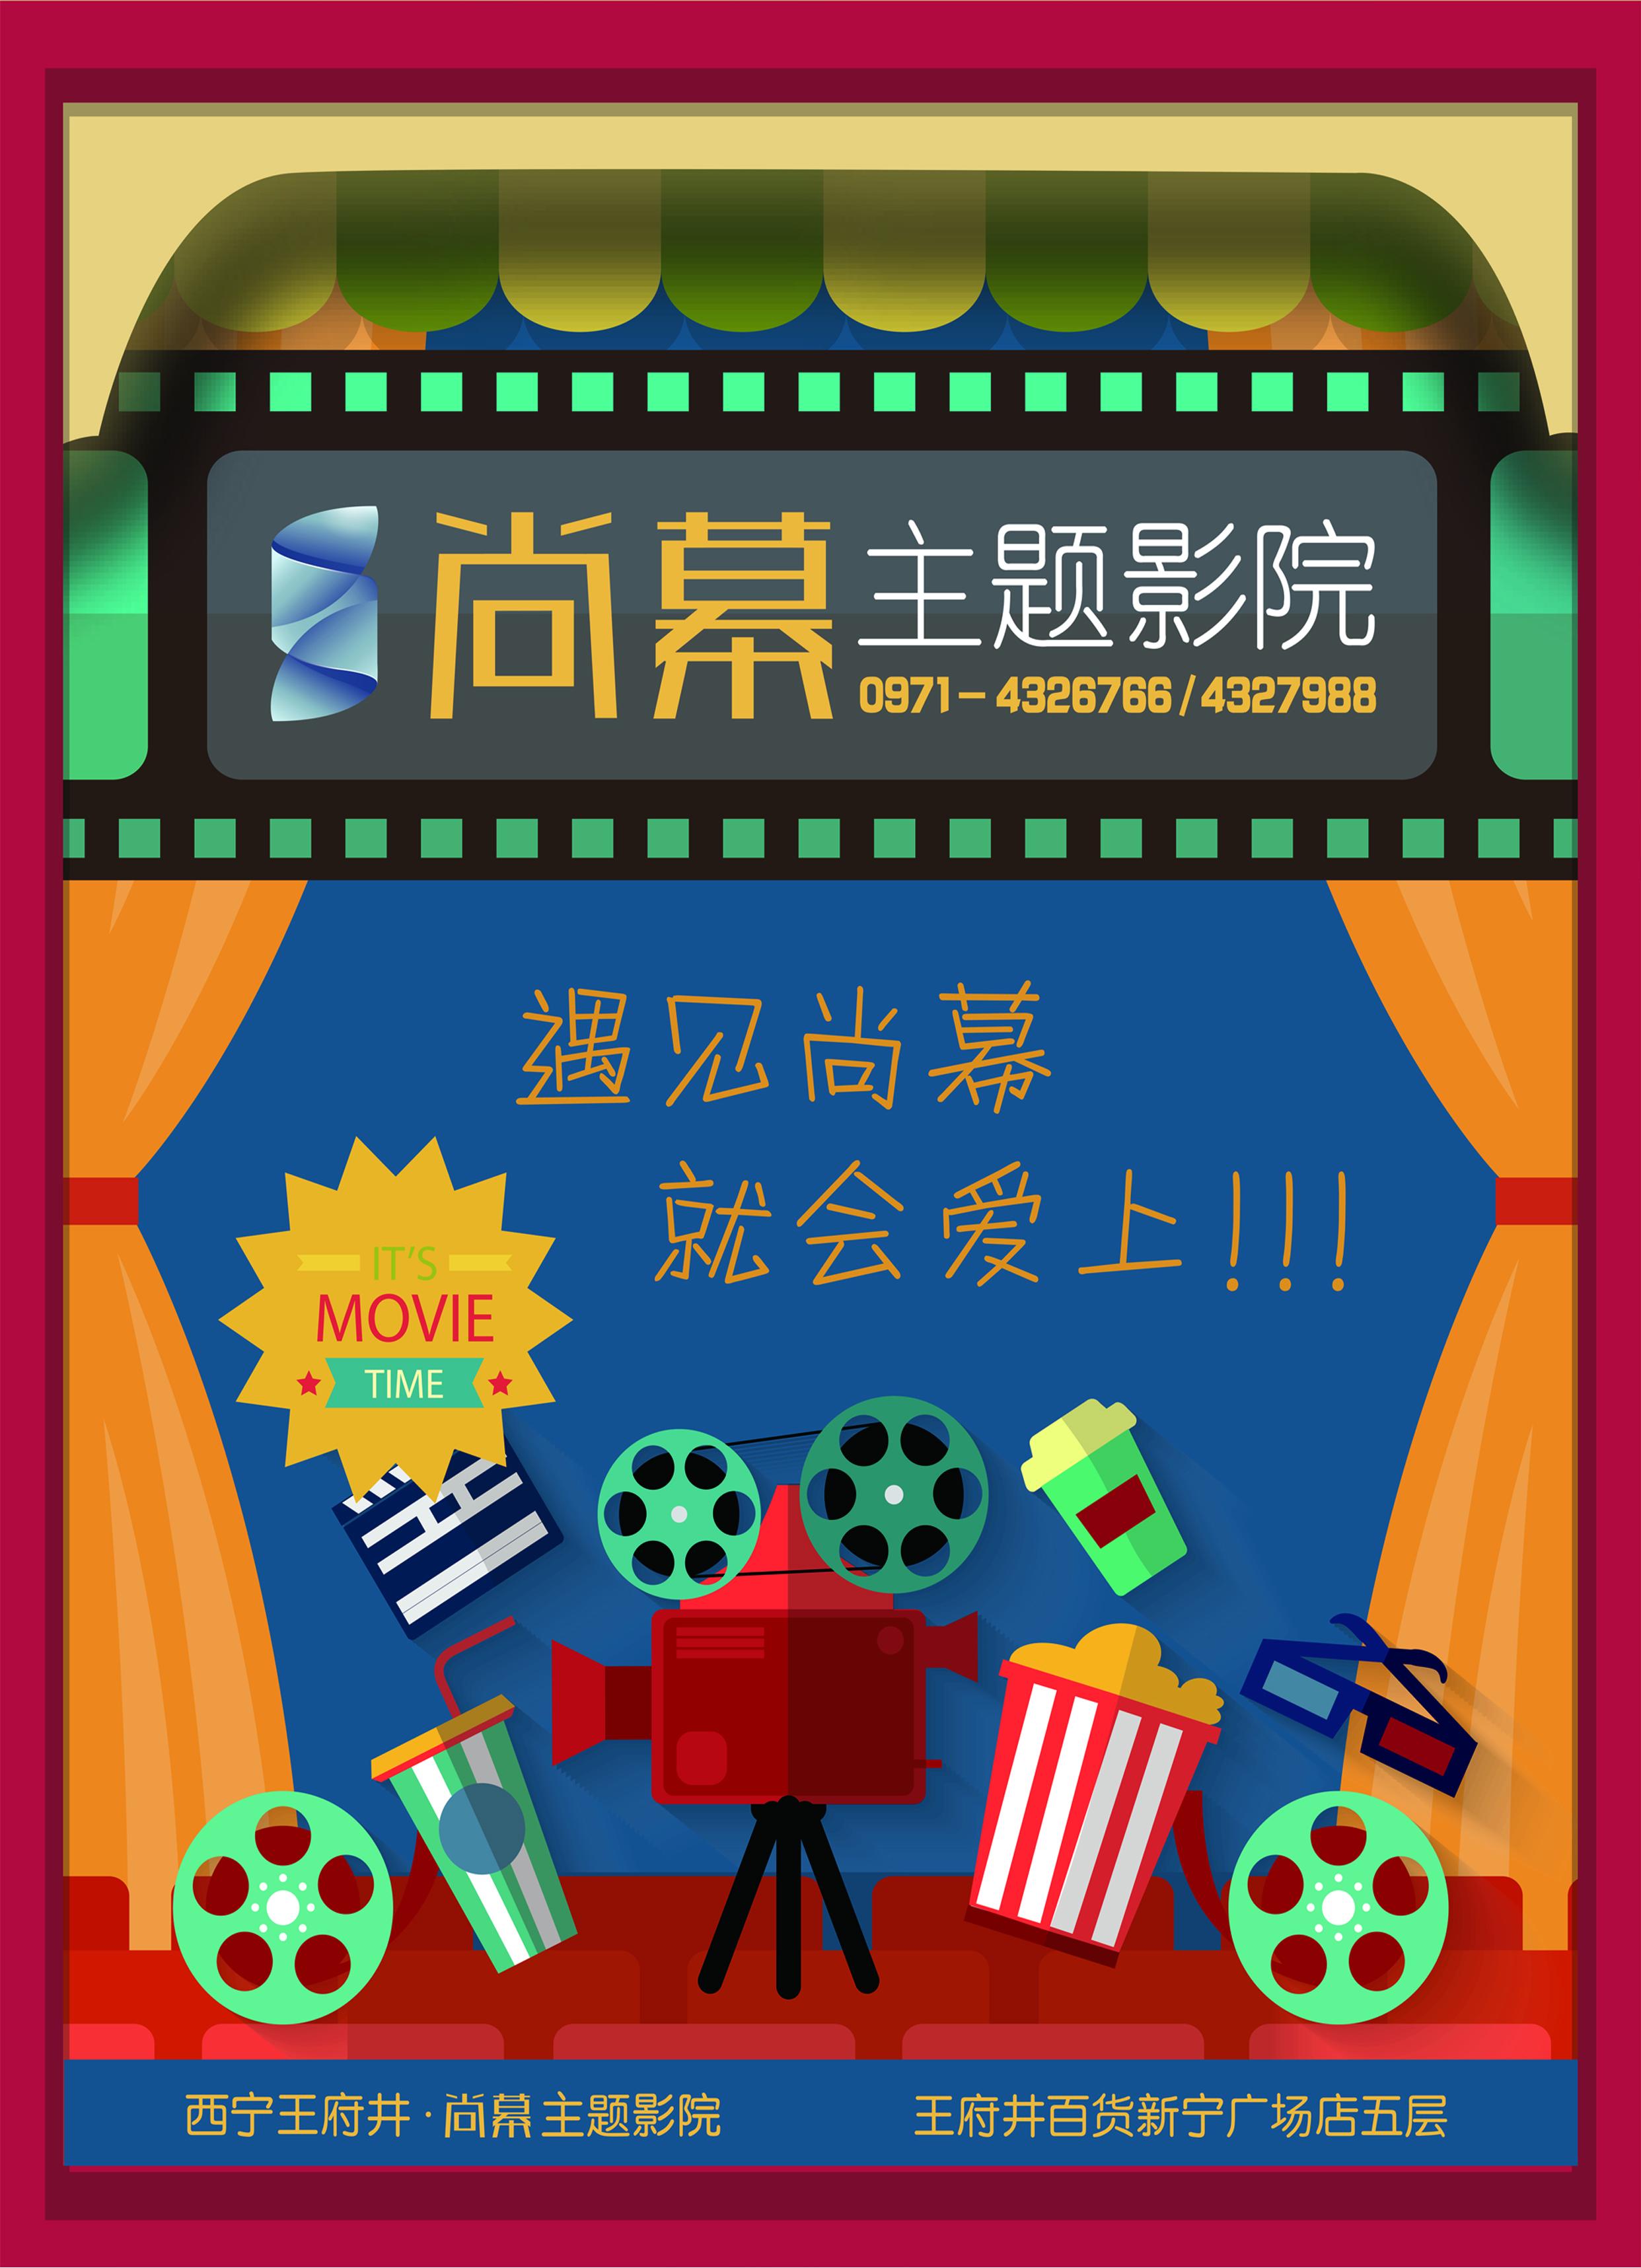 西宁惊现一家私人订制主题影院12天5折